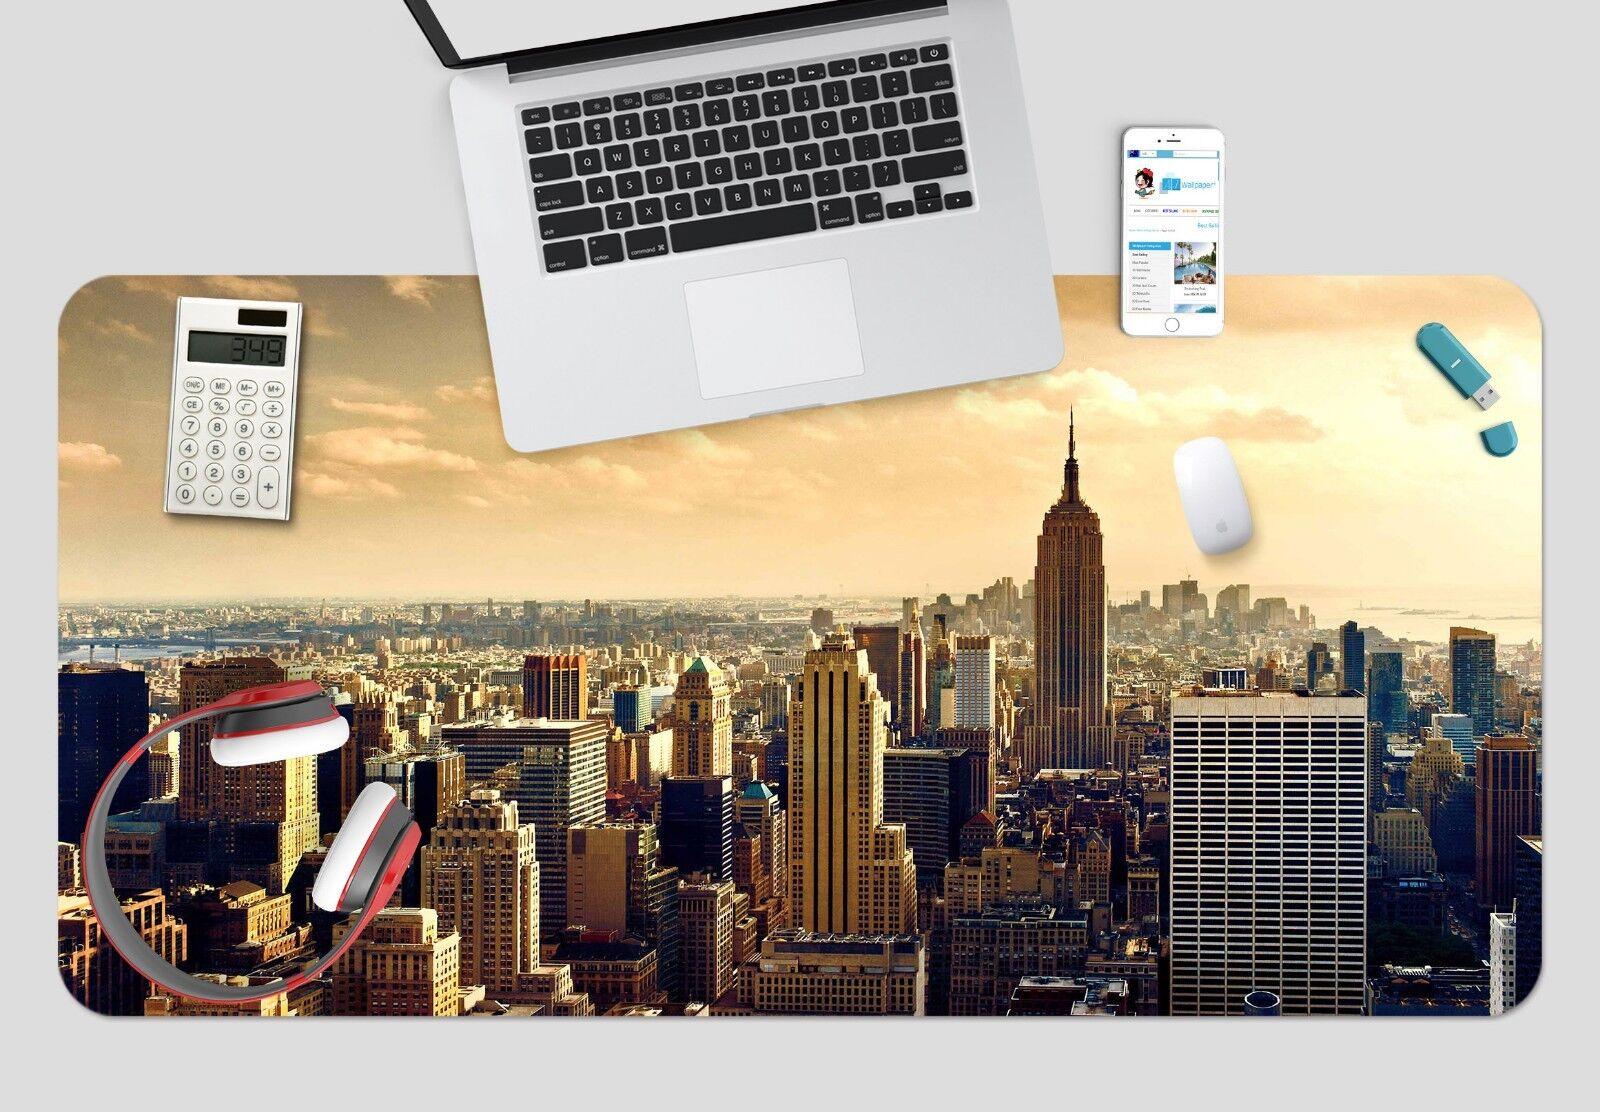 3D Stadt New York 433 Rutschfest Büro Schreibtisch Schreibtisch Schreibtisch Mauspad Tastatur Spiel e136a0